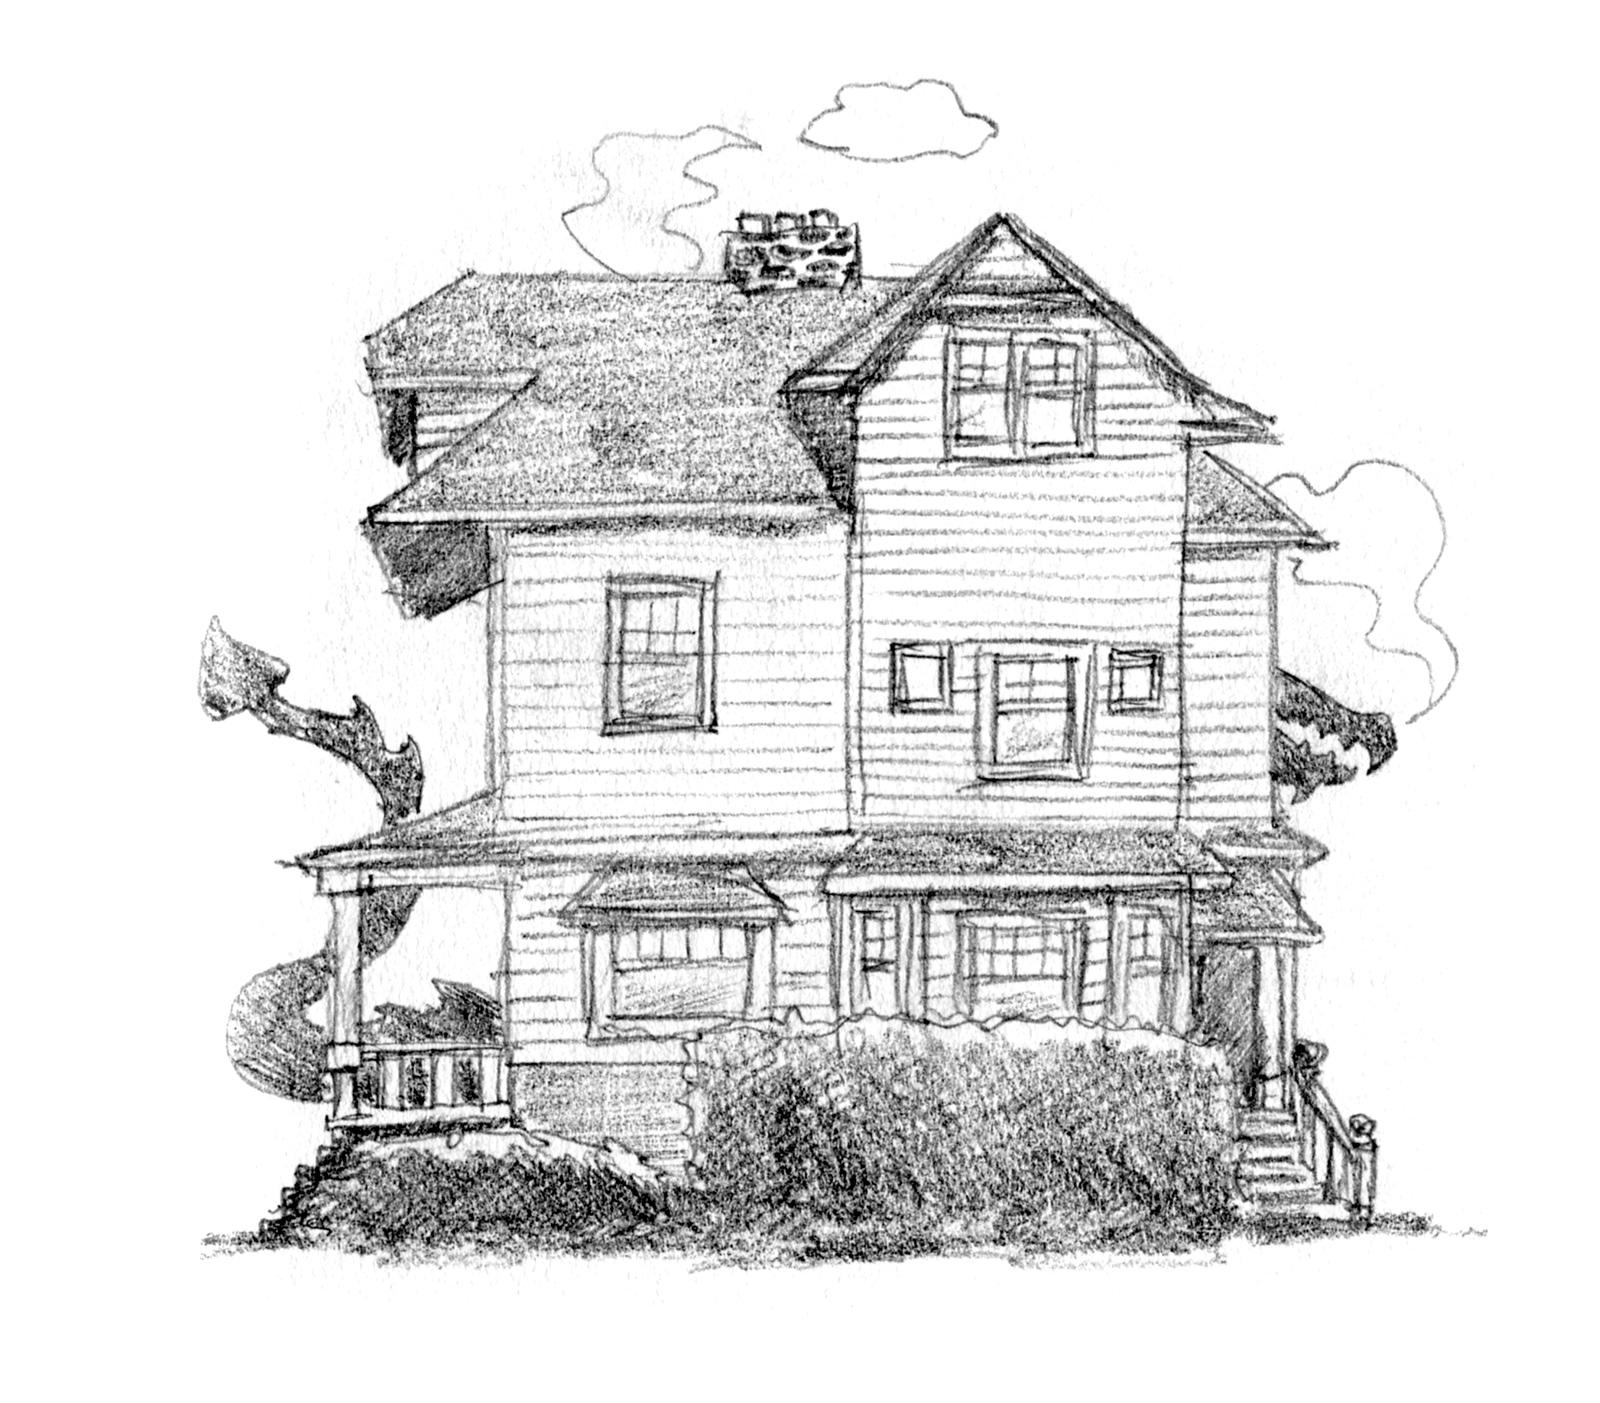 HouseWithDragon.jpg